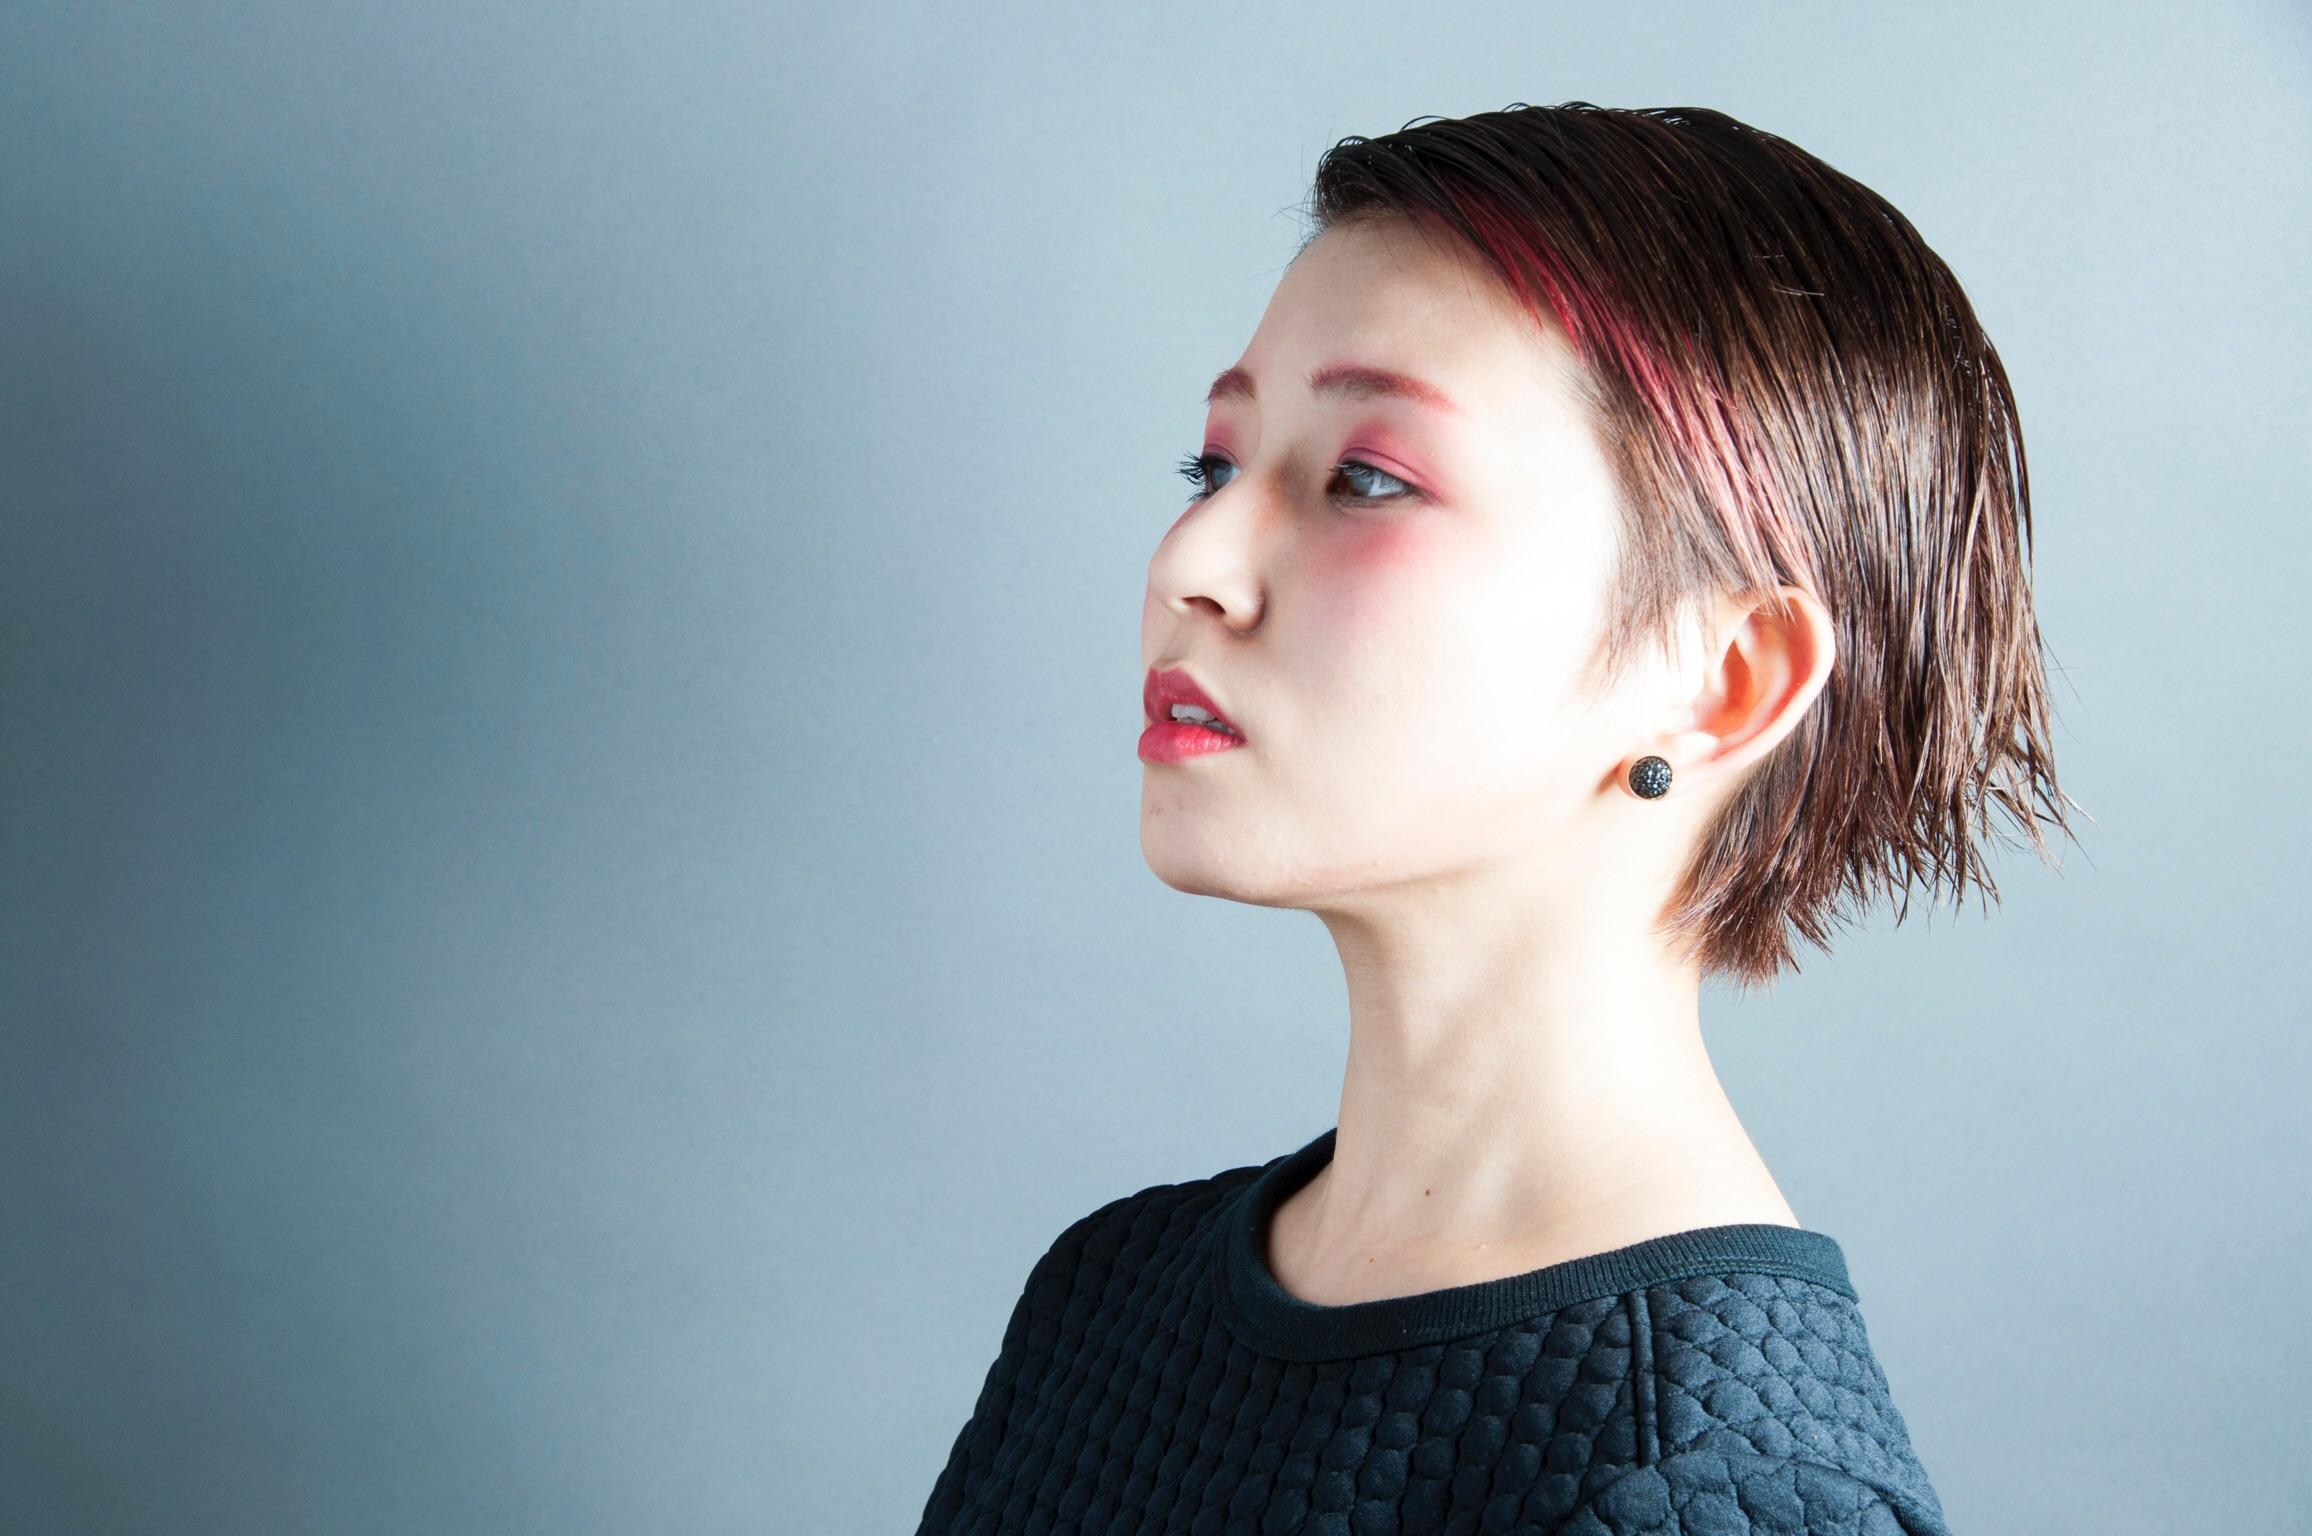 【第1回 NYLON JAPAN×HAIR CONTEST】応募受付終了!たくさんのご応募ありがとうございました! 松下 真輔 / keep hair design